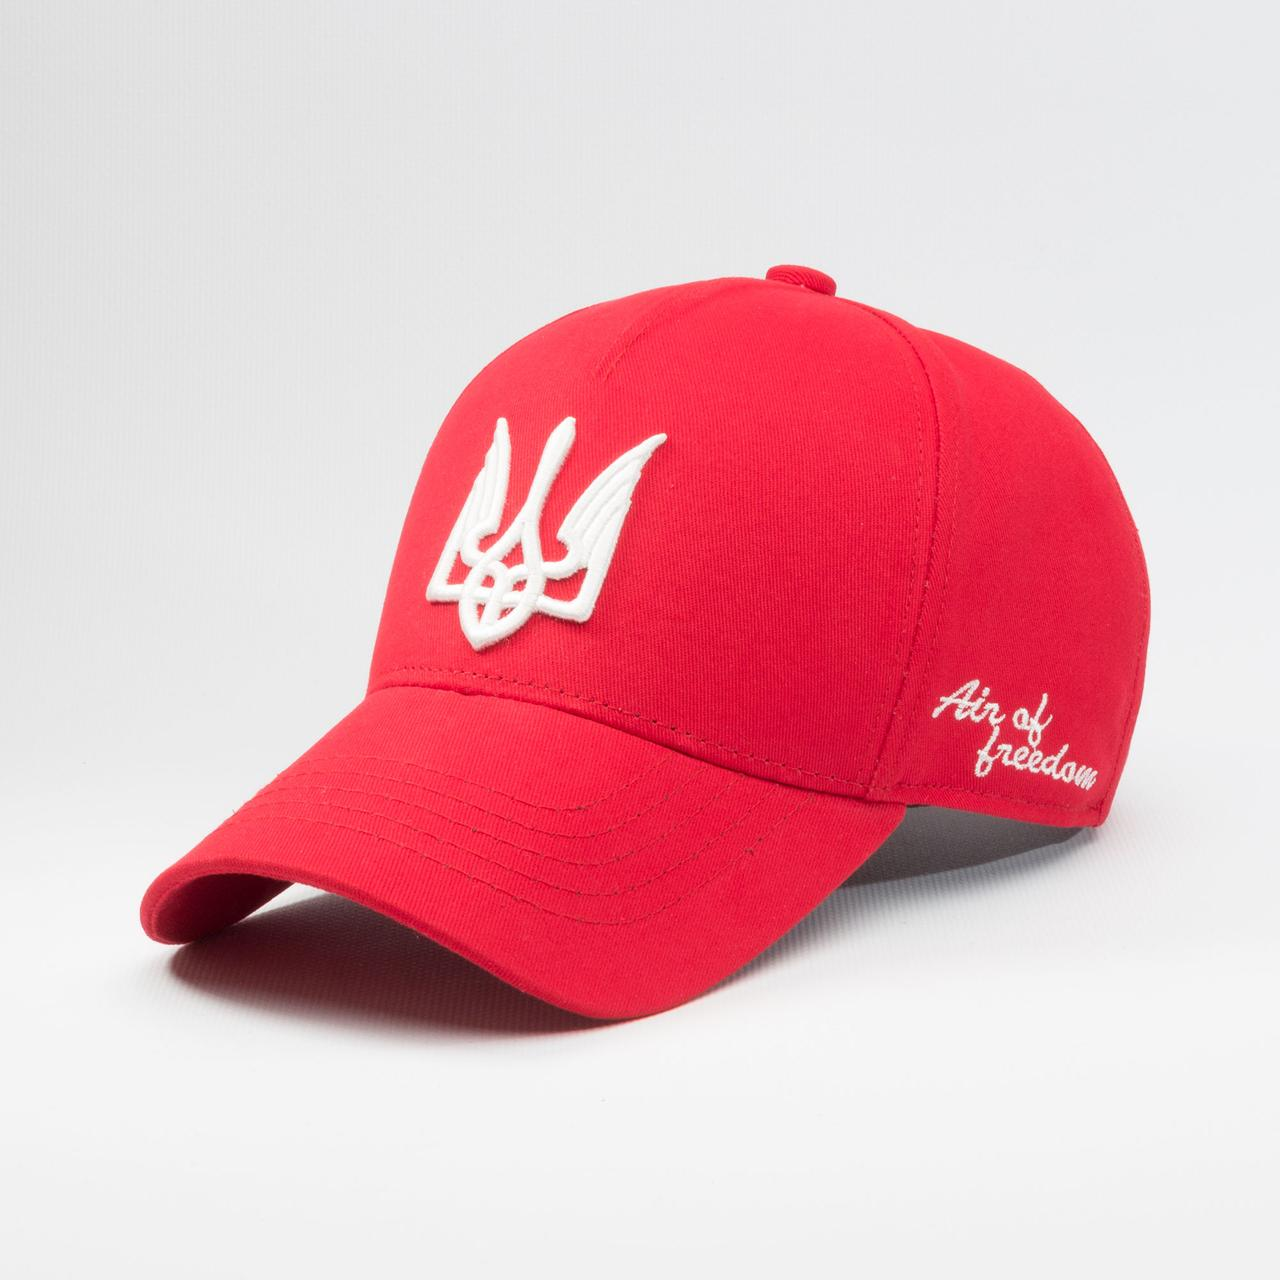 Кепка бейсболка мужская INAL air of freedom S / 53-54 RU Красный 209953  - купить со скидкой